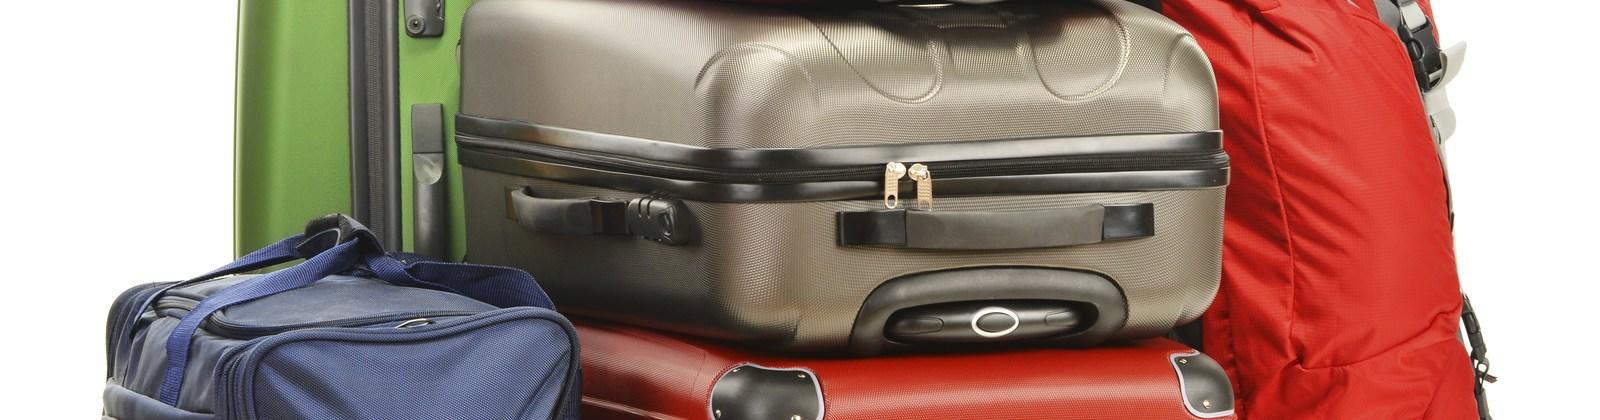 Las mejores maletas de viaje 2018 - mejores equipajes